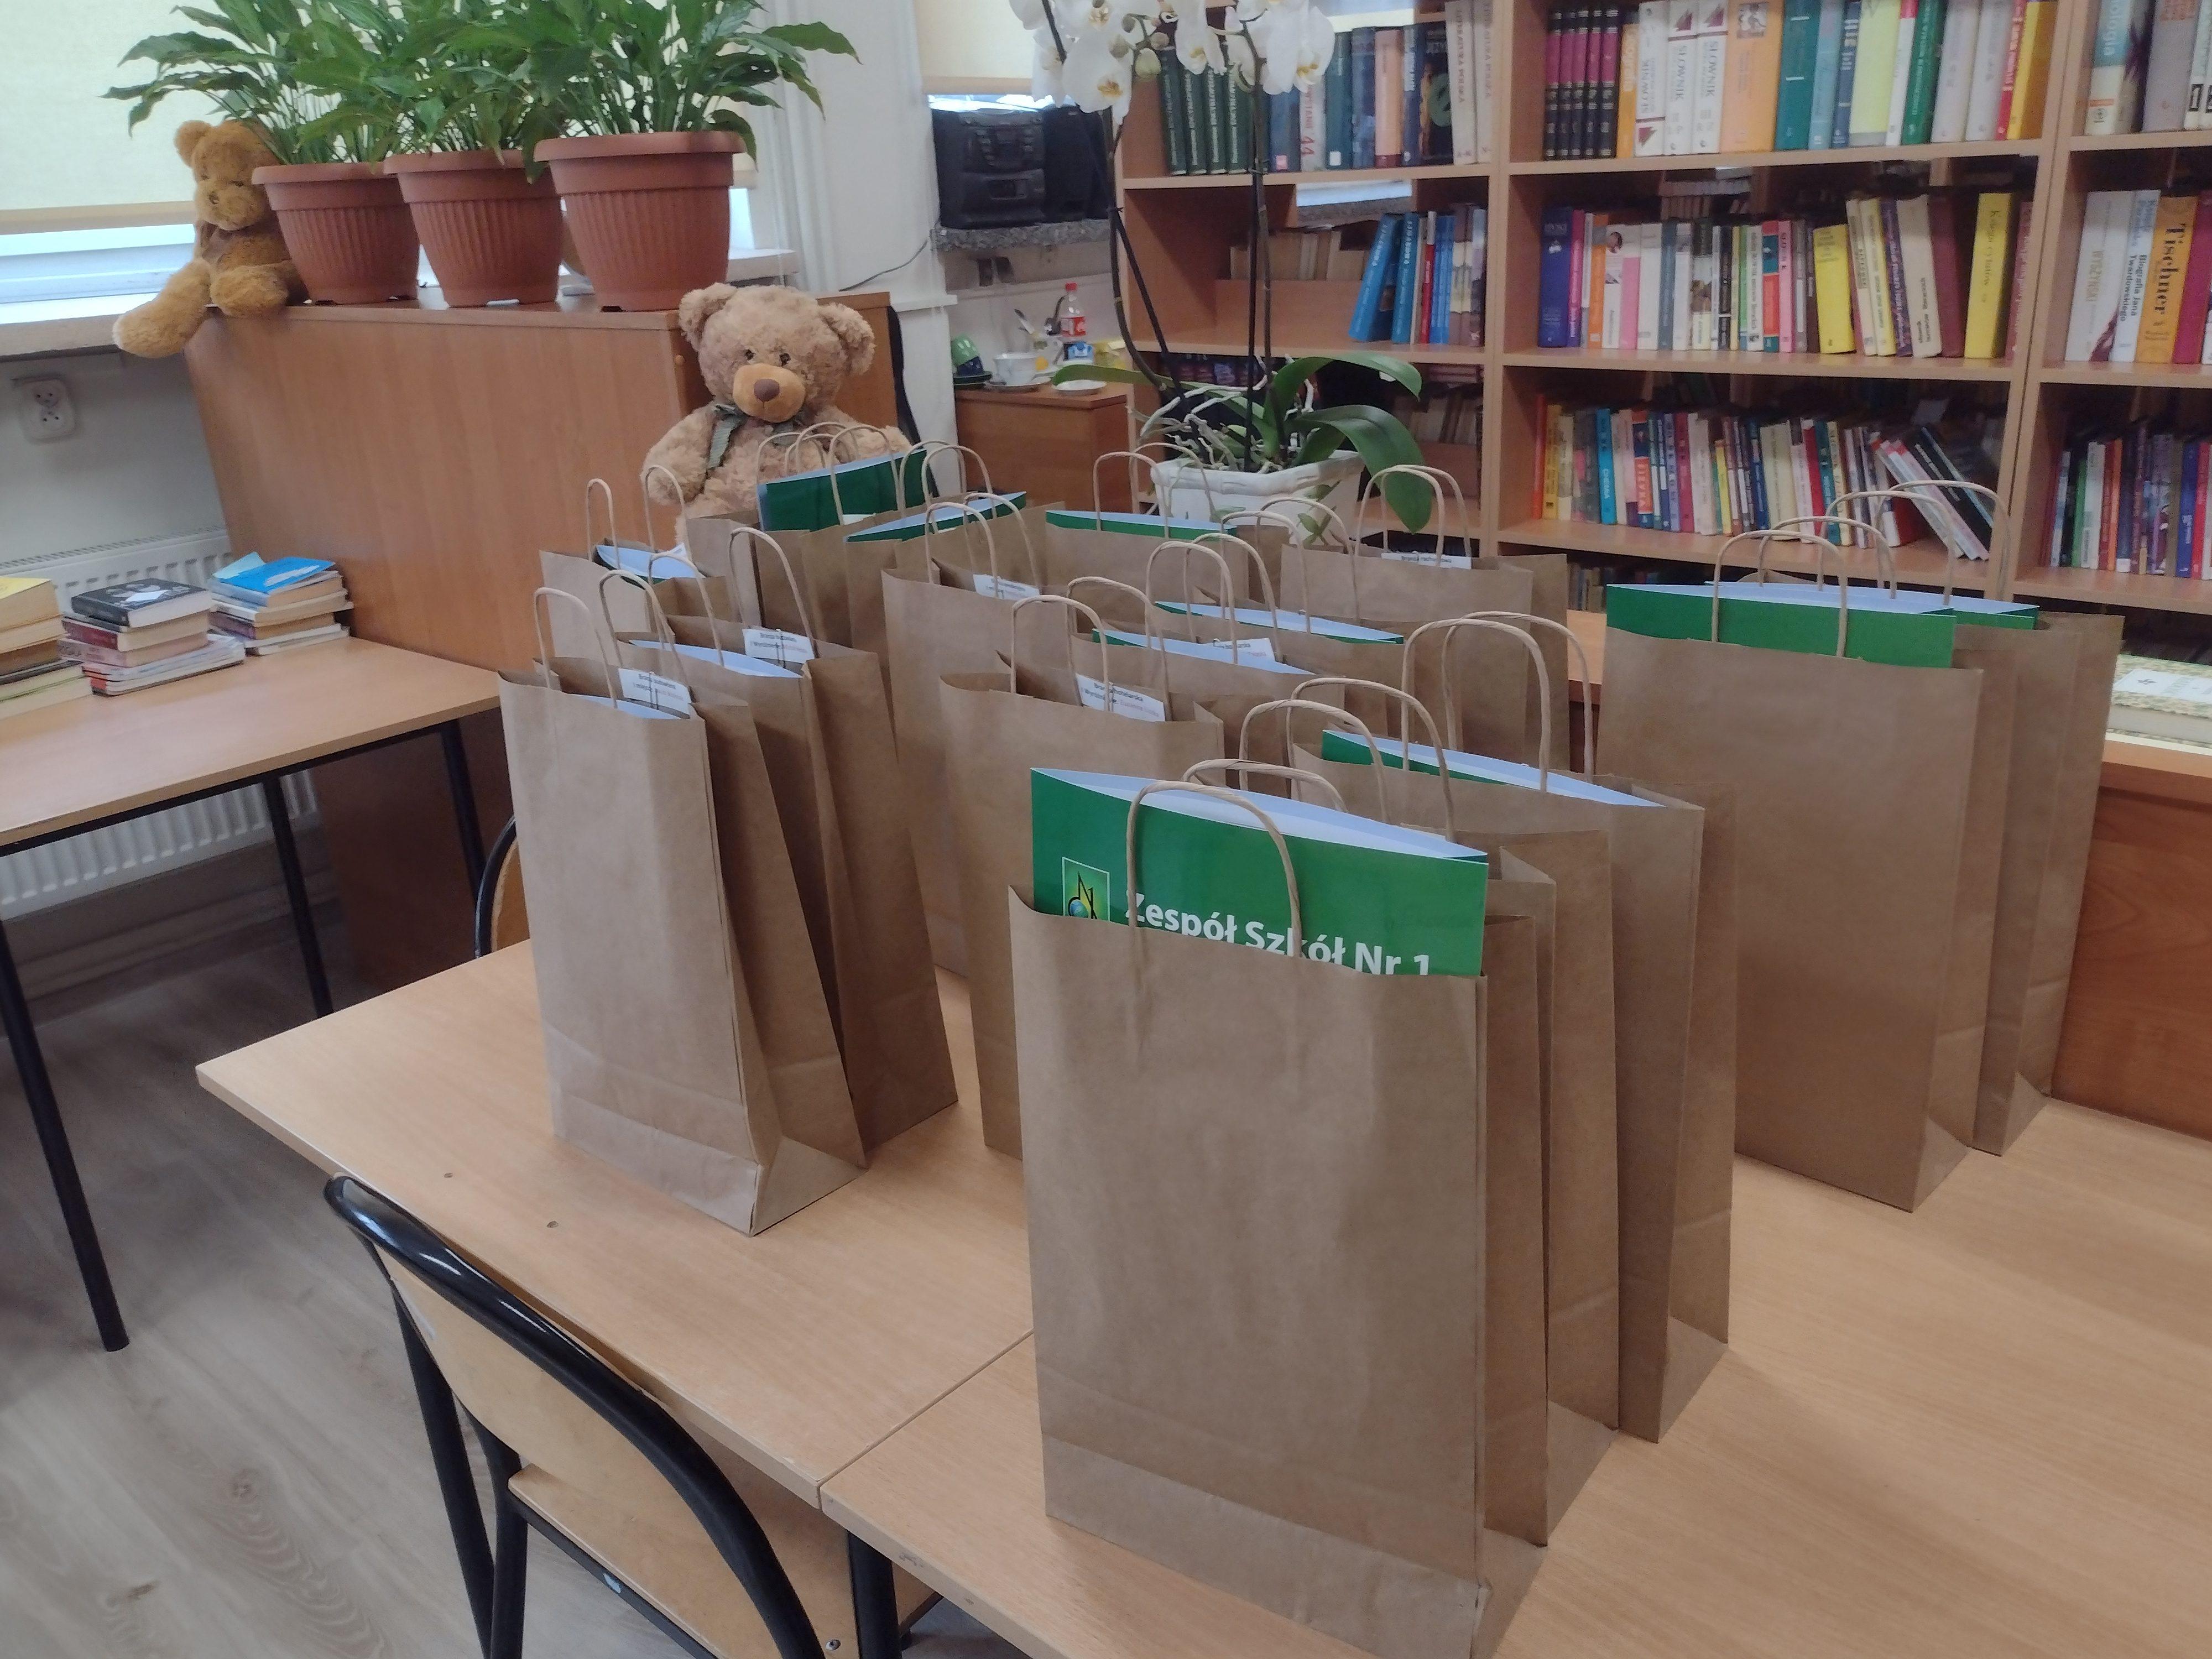 Szare torby z upominkami położone na ławce w klasie